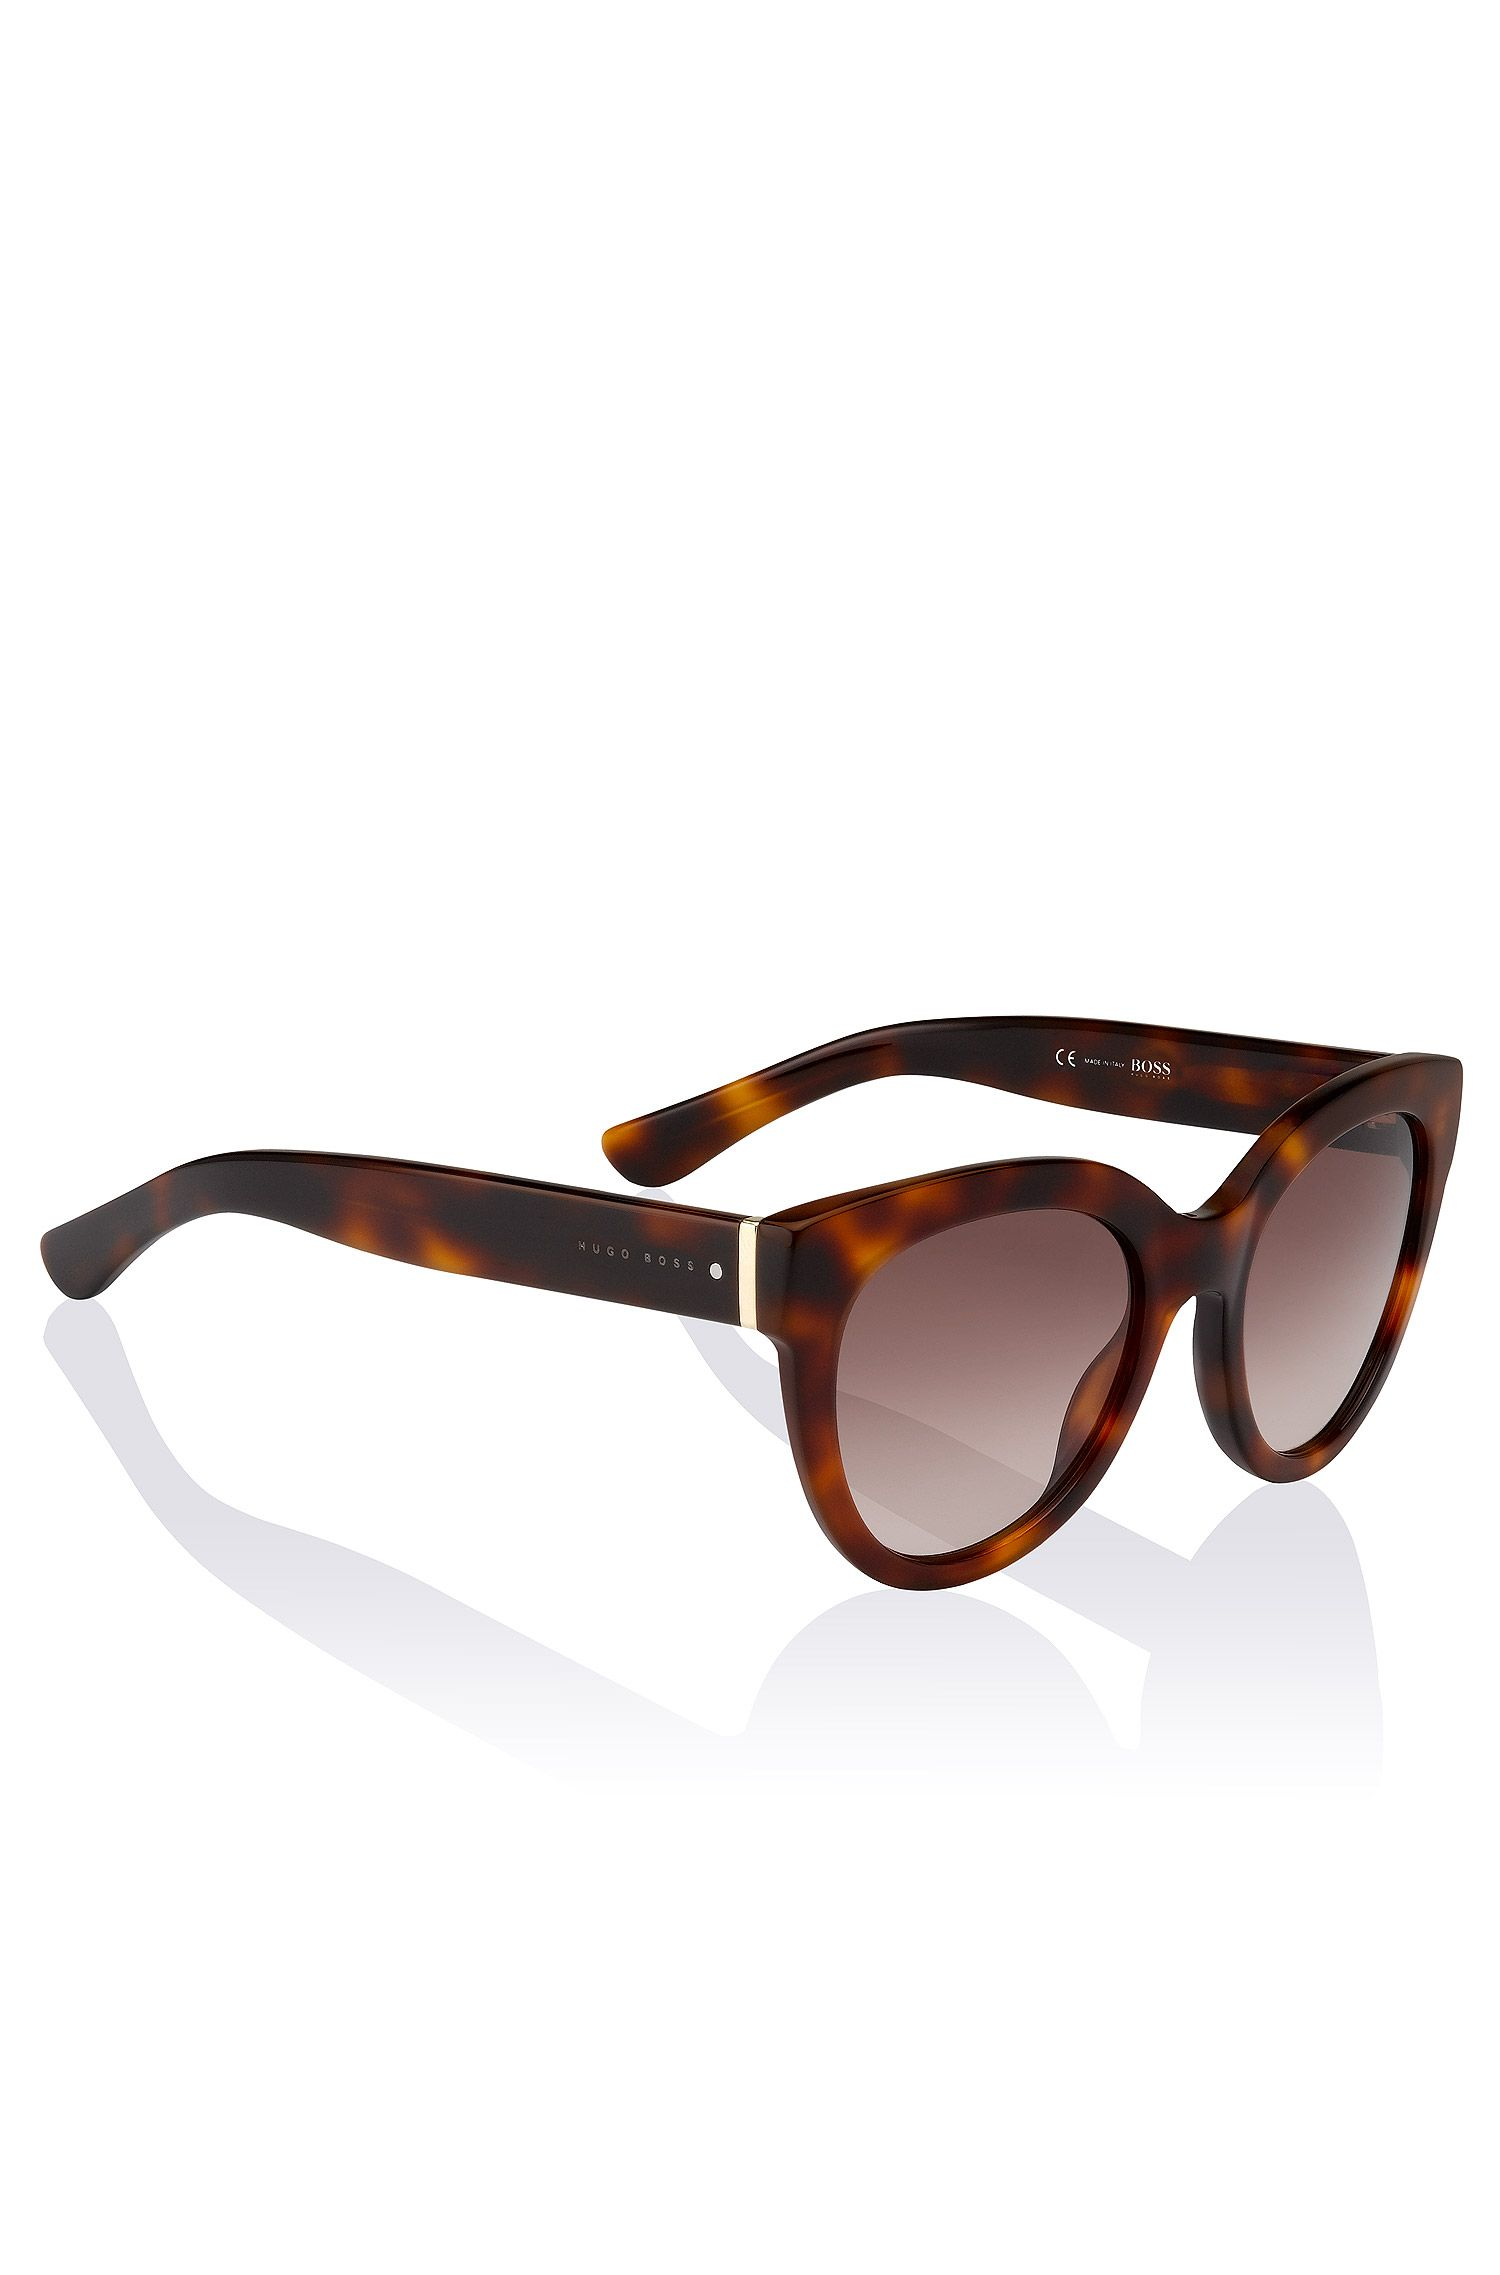 Cat-eye-zonnebril 'BOSS 0675' van acetaat en metaal